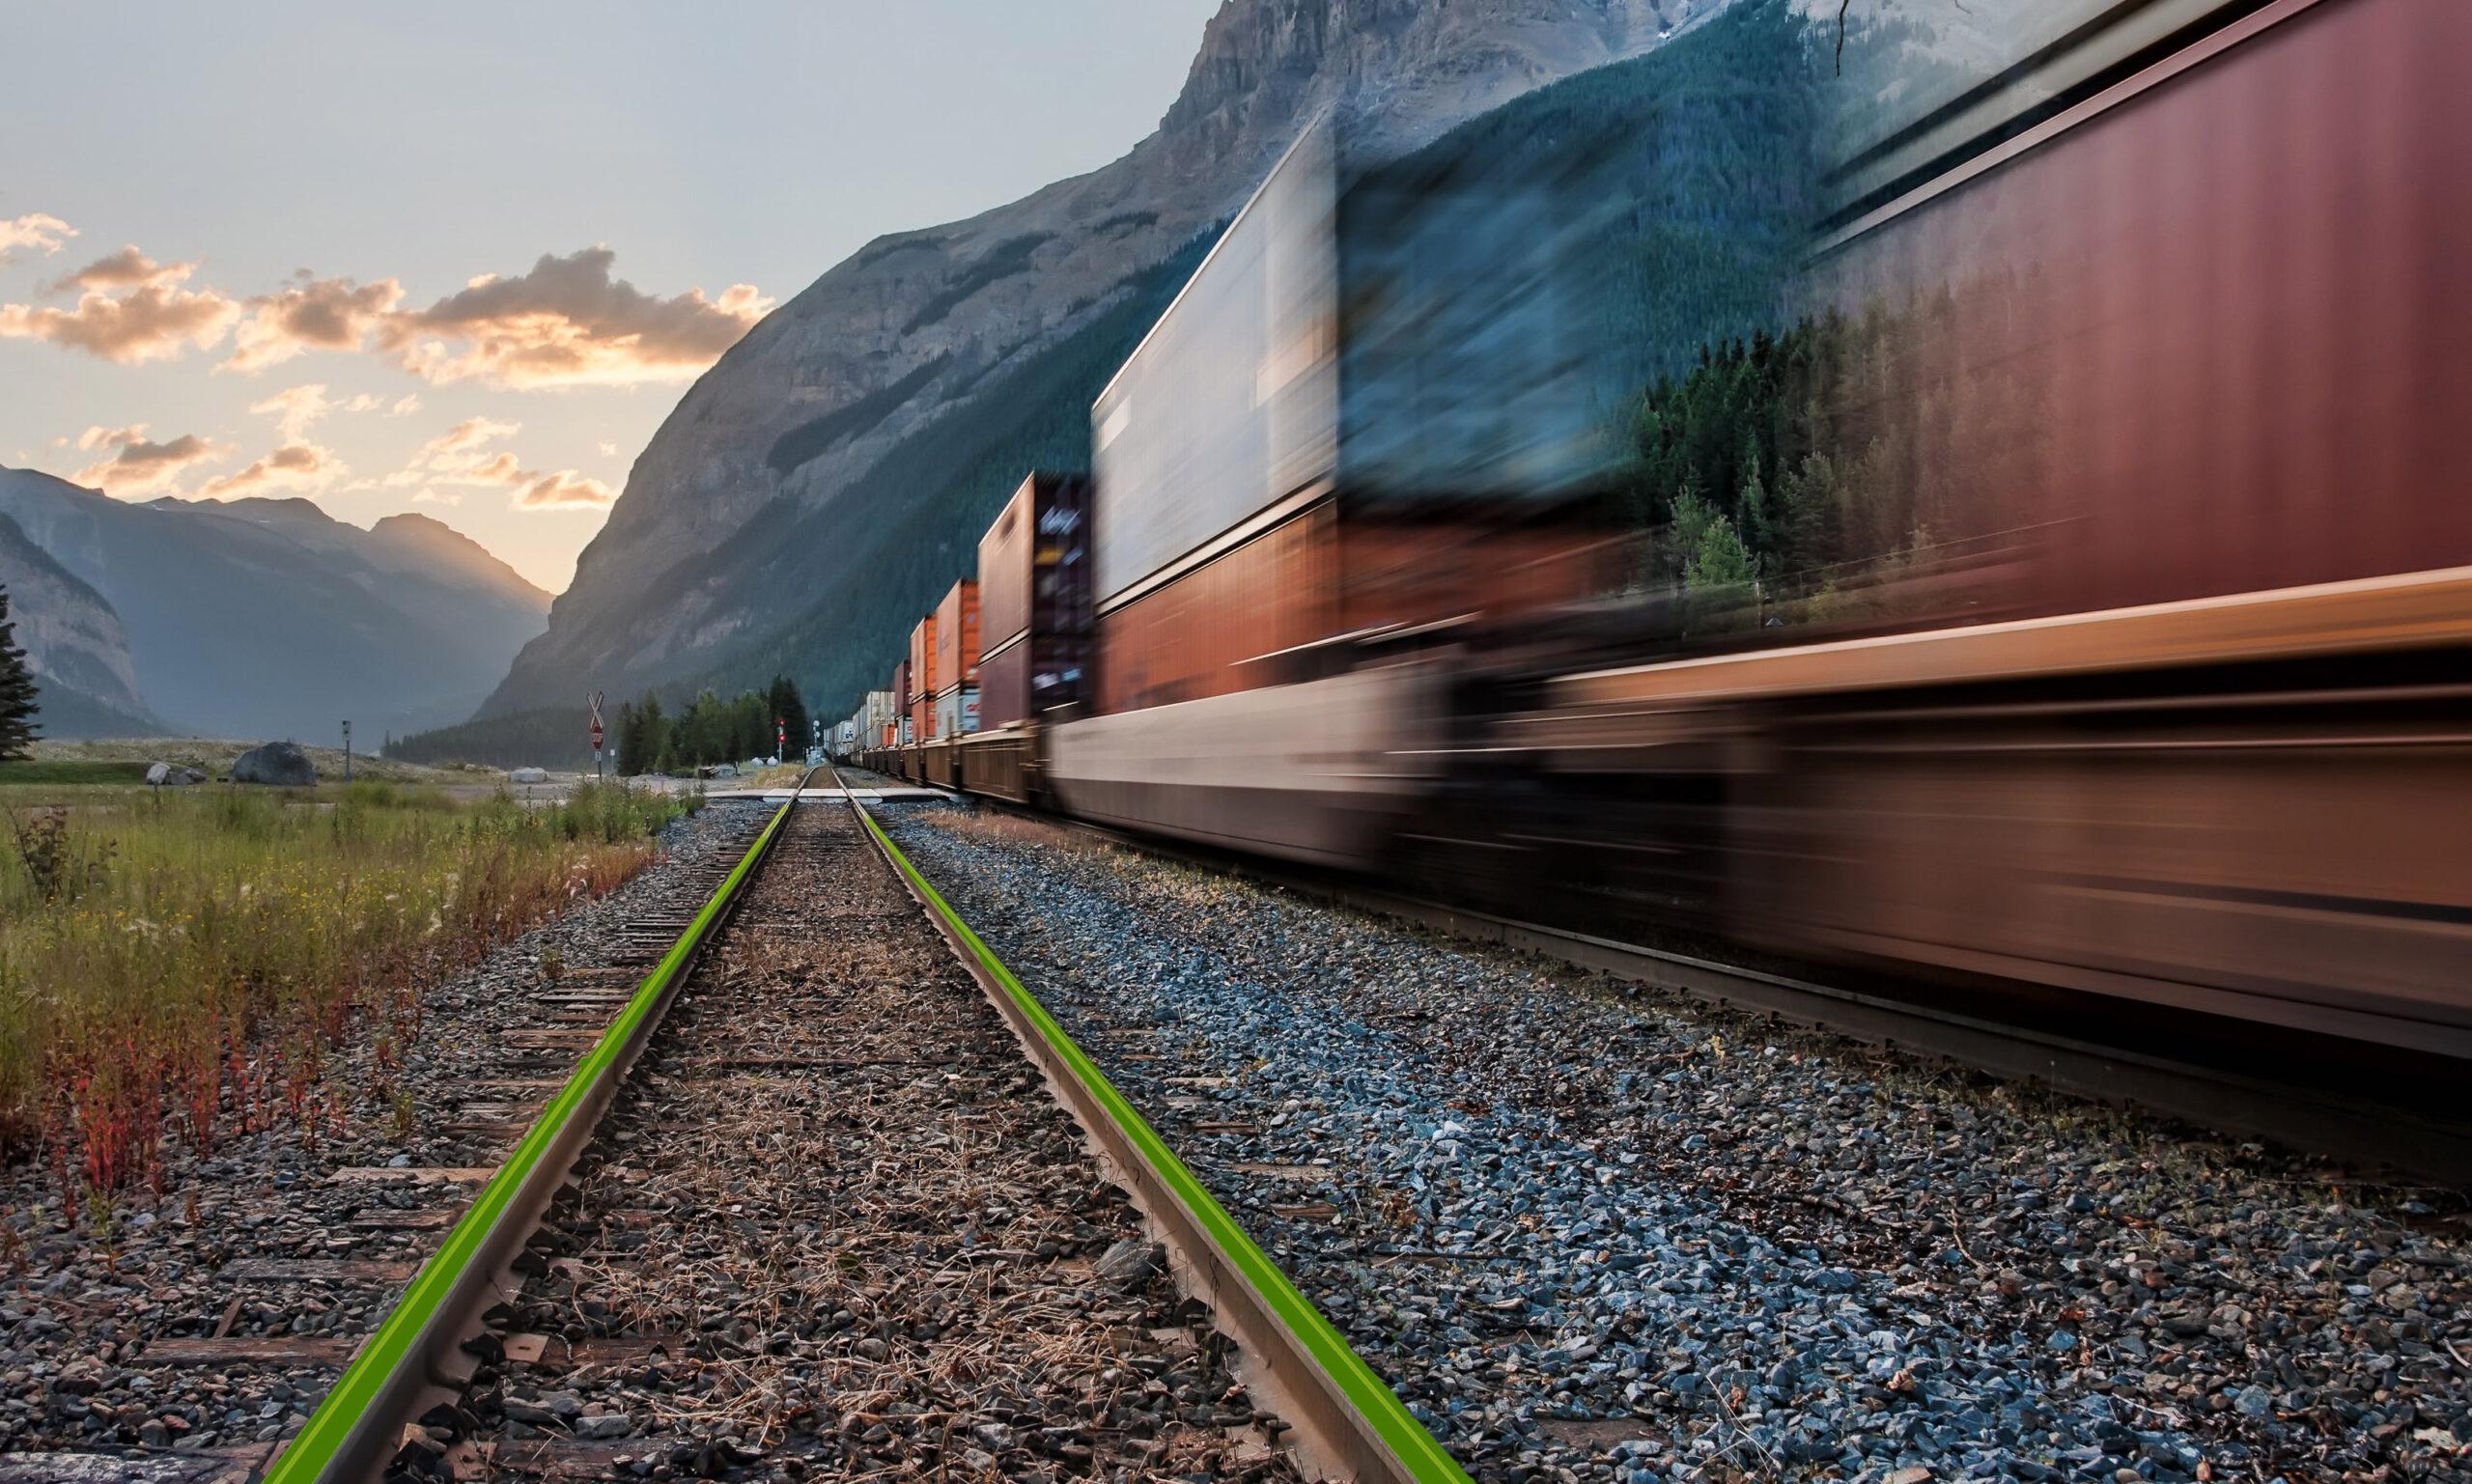 Het spoorgoederenvervoer in 2050: De toekomst begint nu